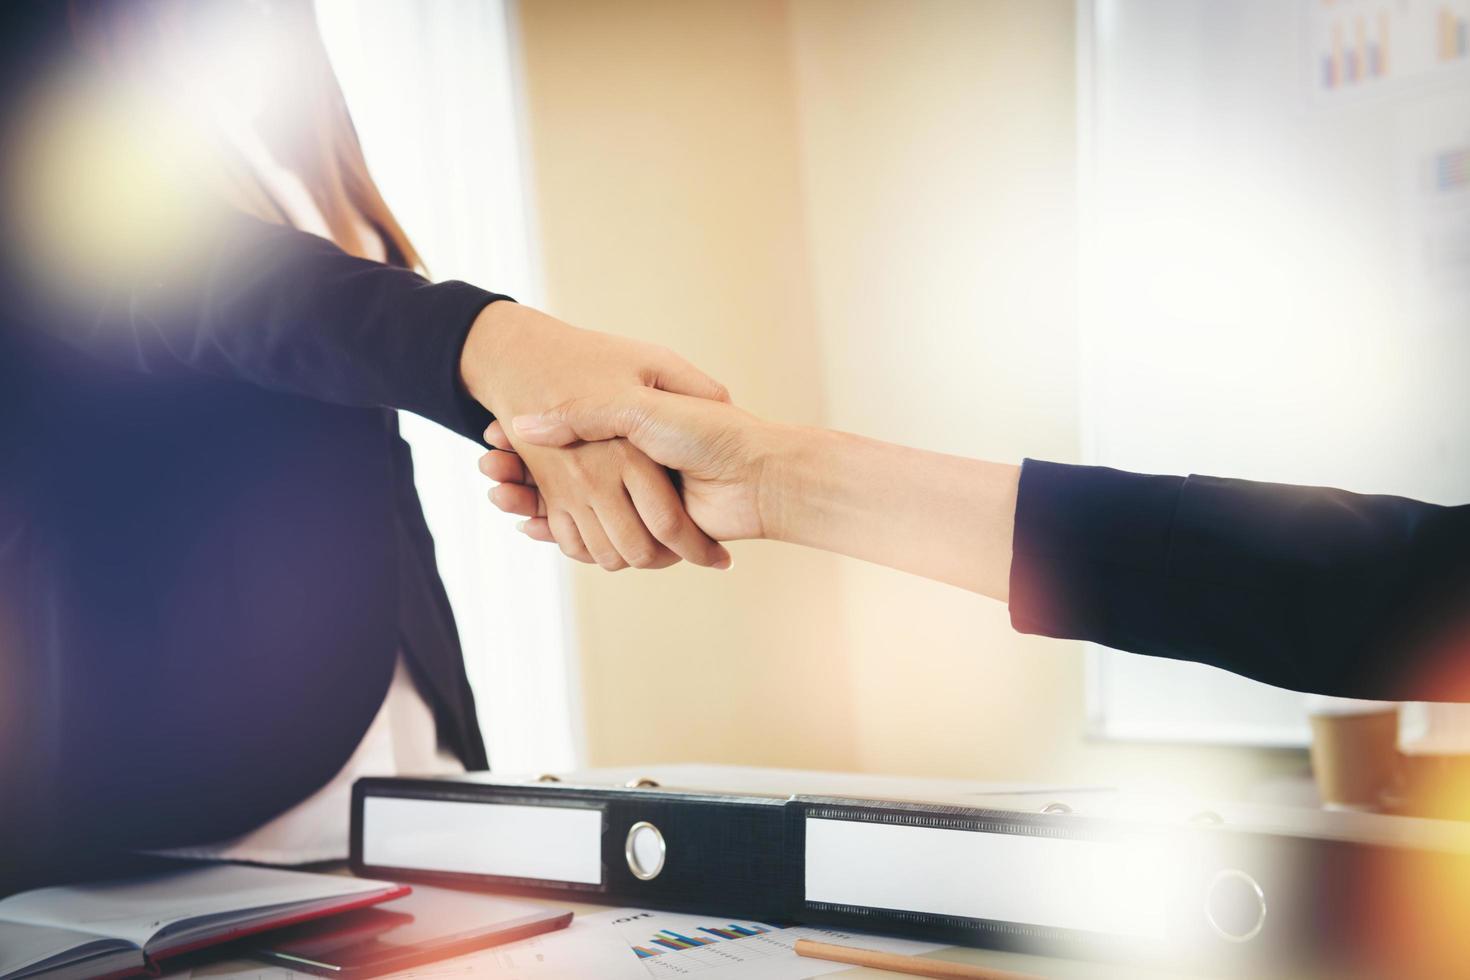 zakenmensen handen schudden terwijl ze op de werkplek zitten foto